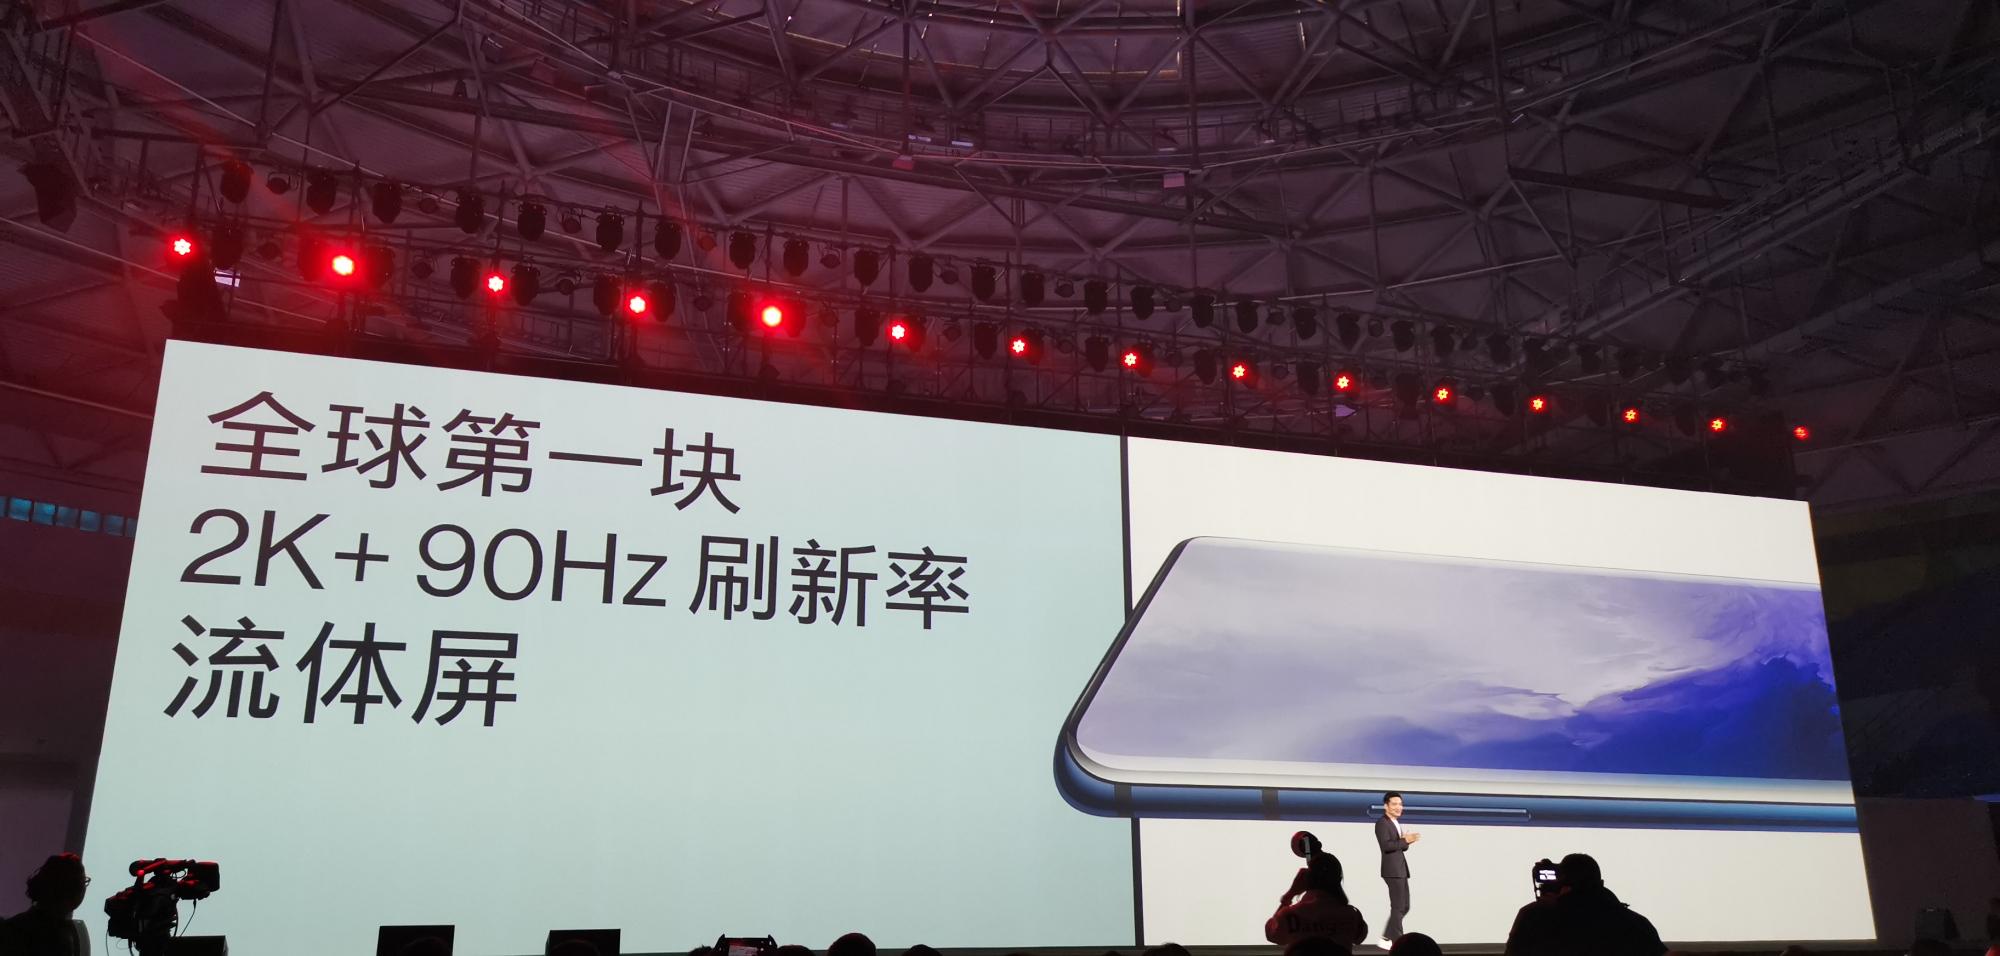 一加7T系列正式发布 刘作虎:不再发布60Hz手机